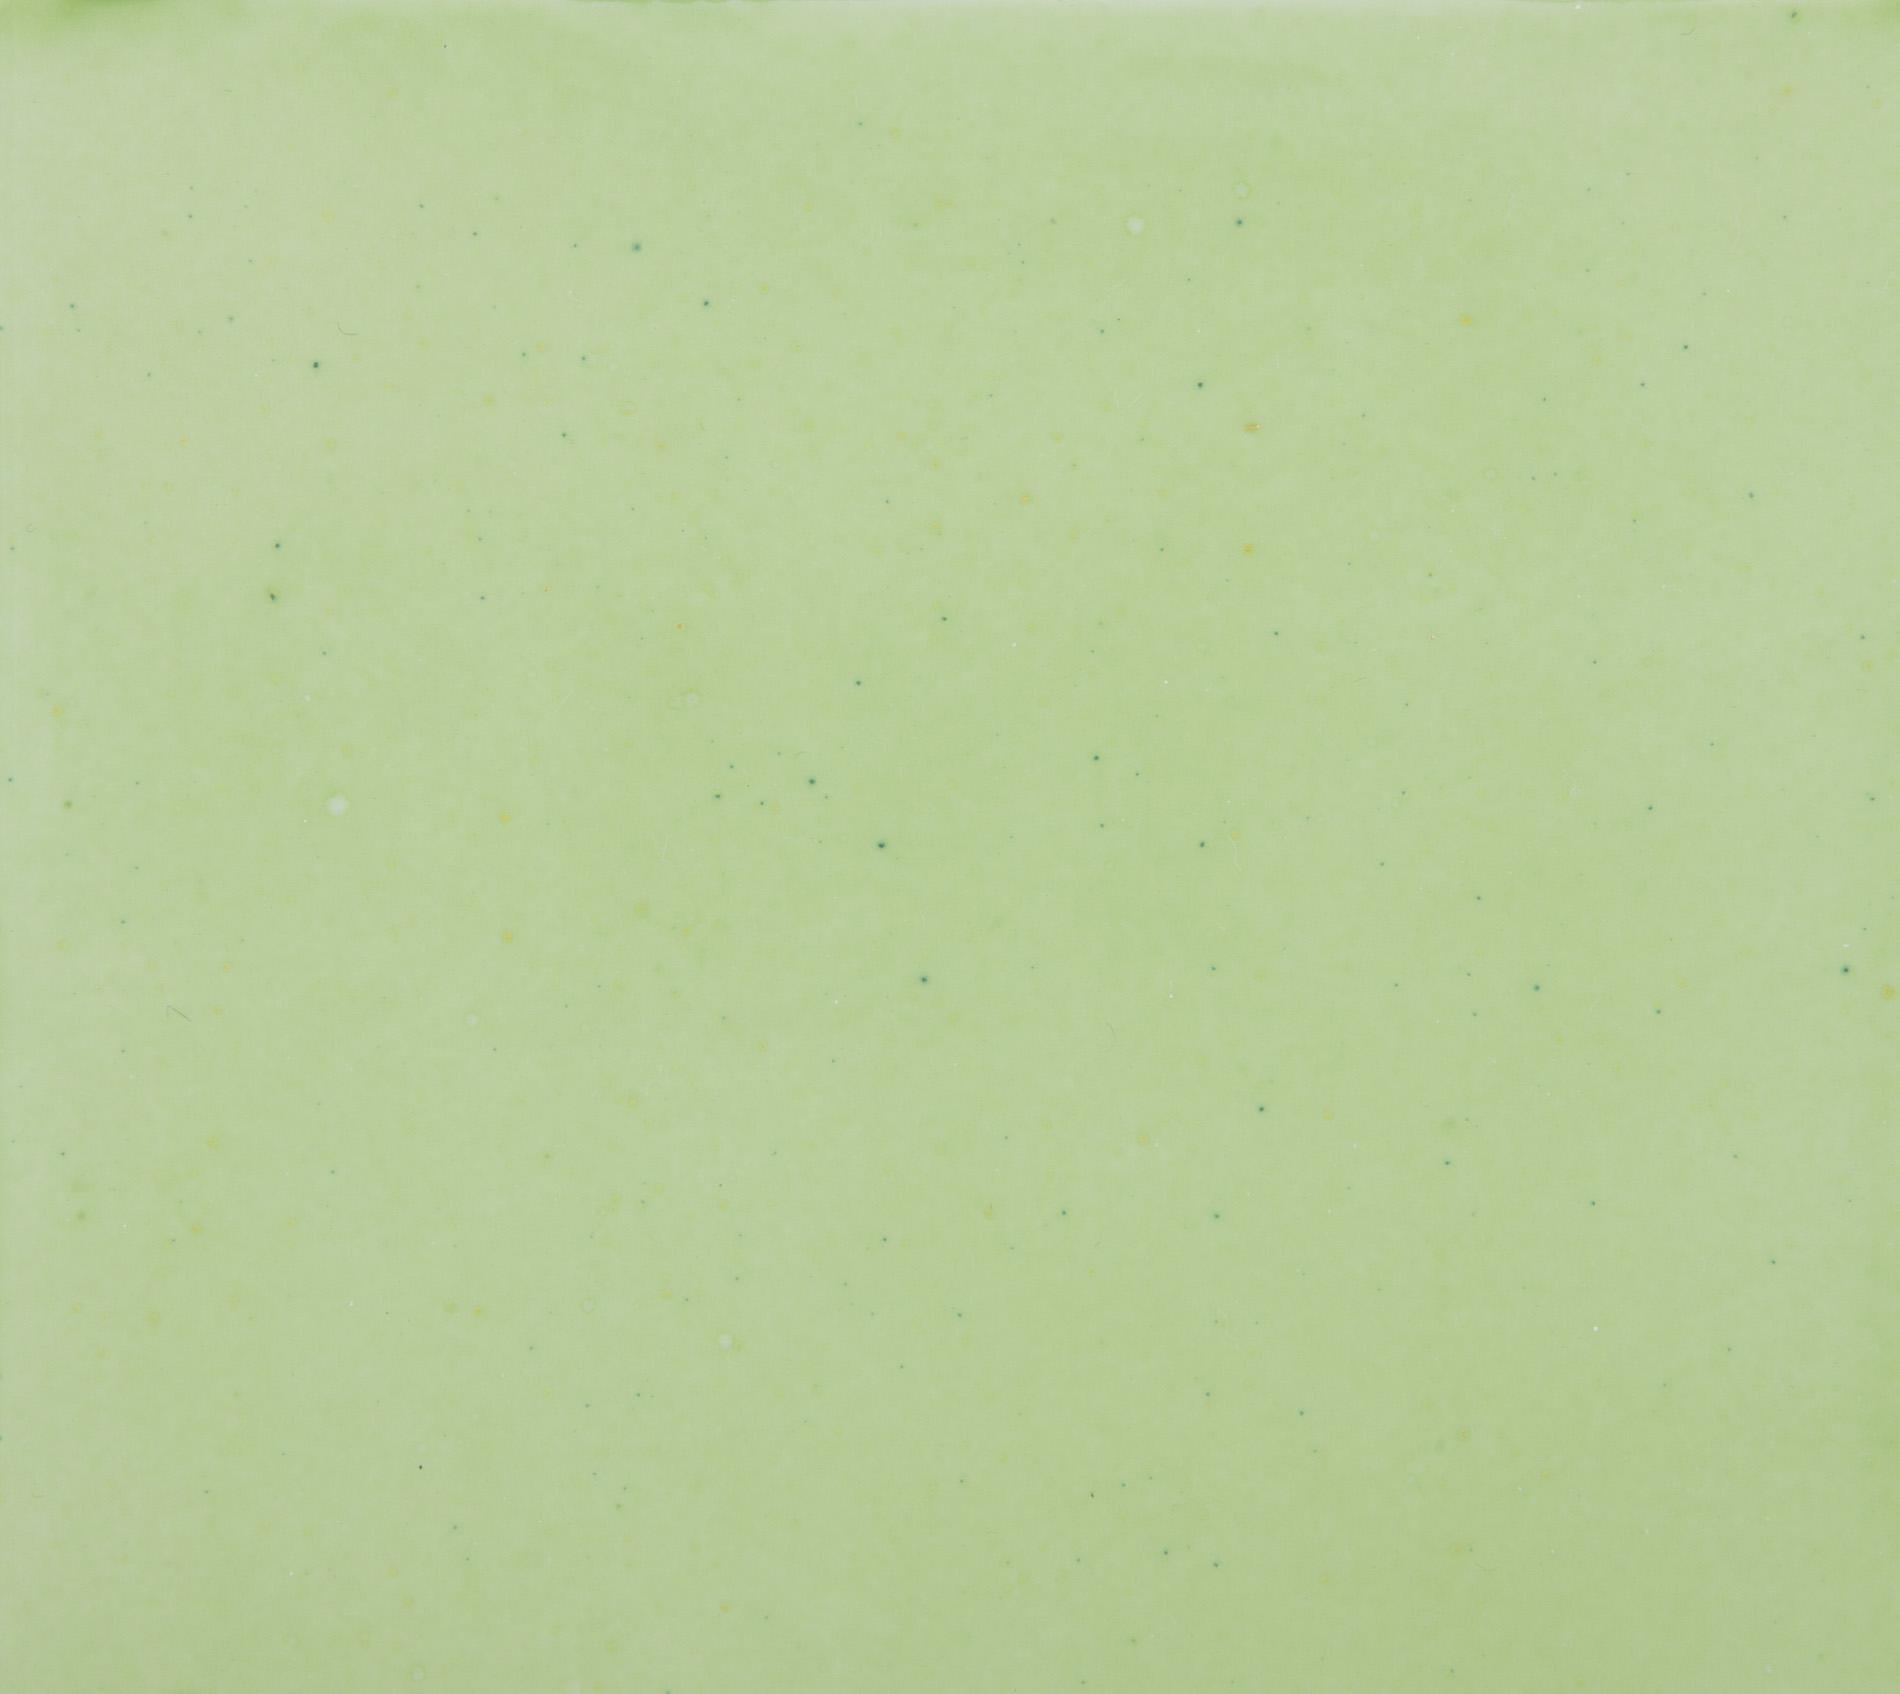 ... Vert Printemps